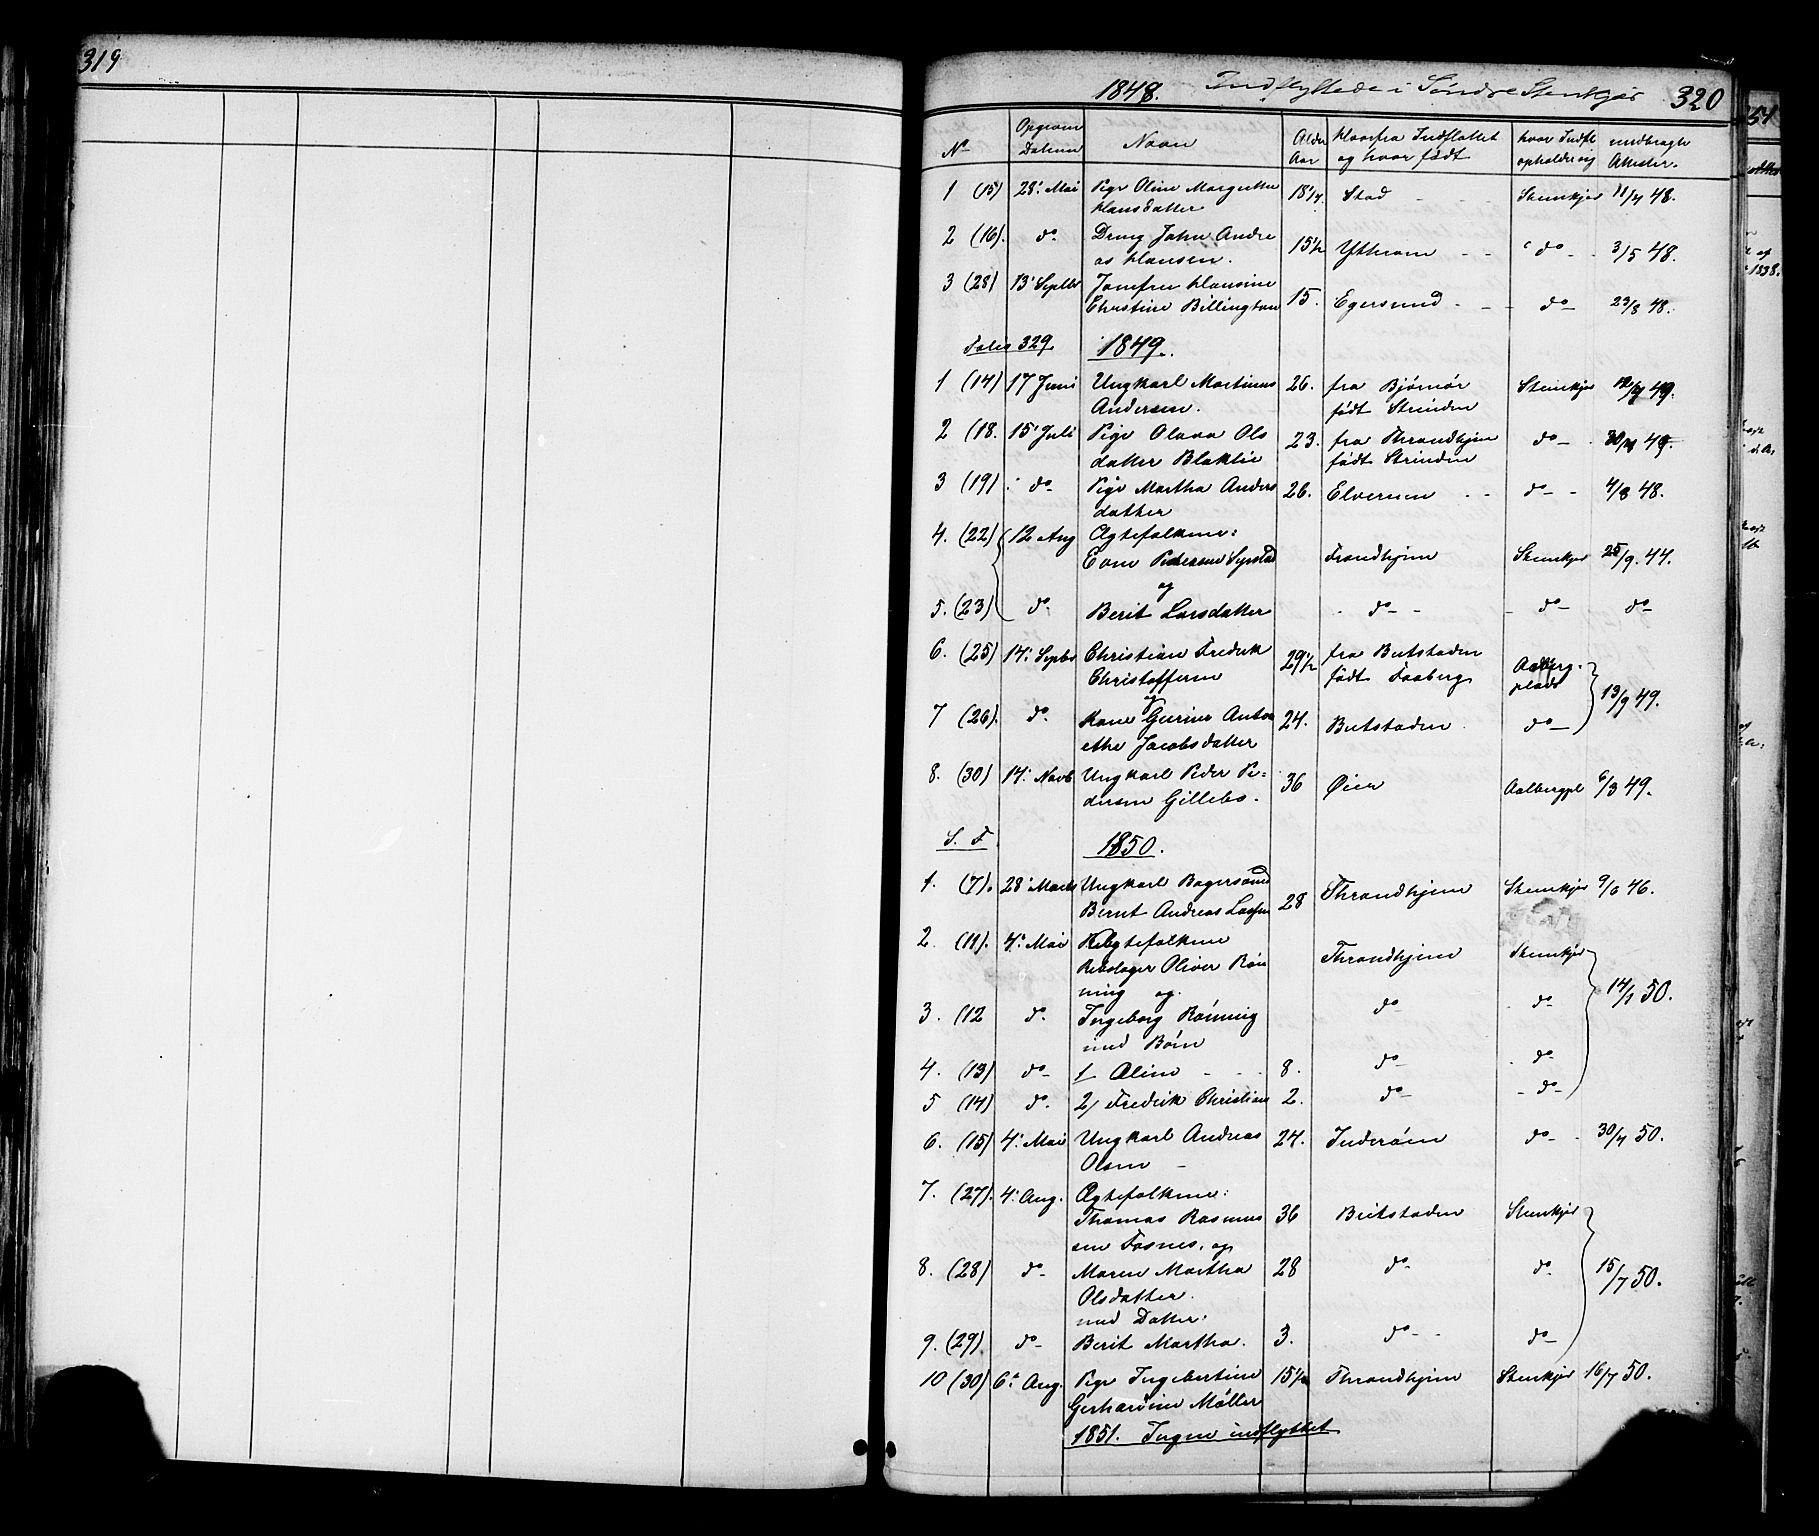 SAT, Ministerialprotokoller, klokkerbøker og fødselsregistre - Nord-Trøndelag, 739/L0367: Ministerialbok nr. 739A01 /1, 1838-1868, s. 319-320